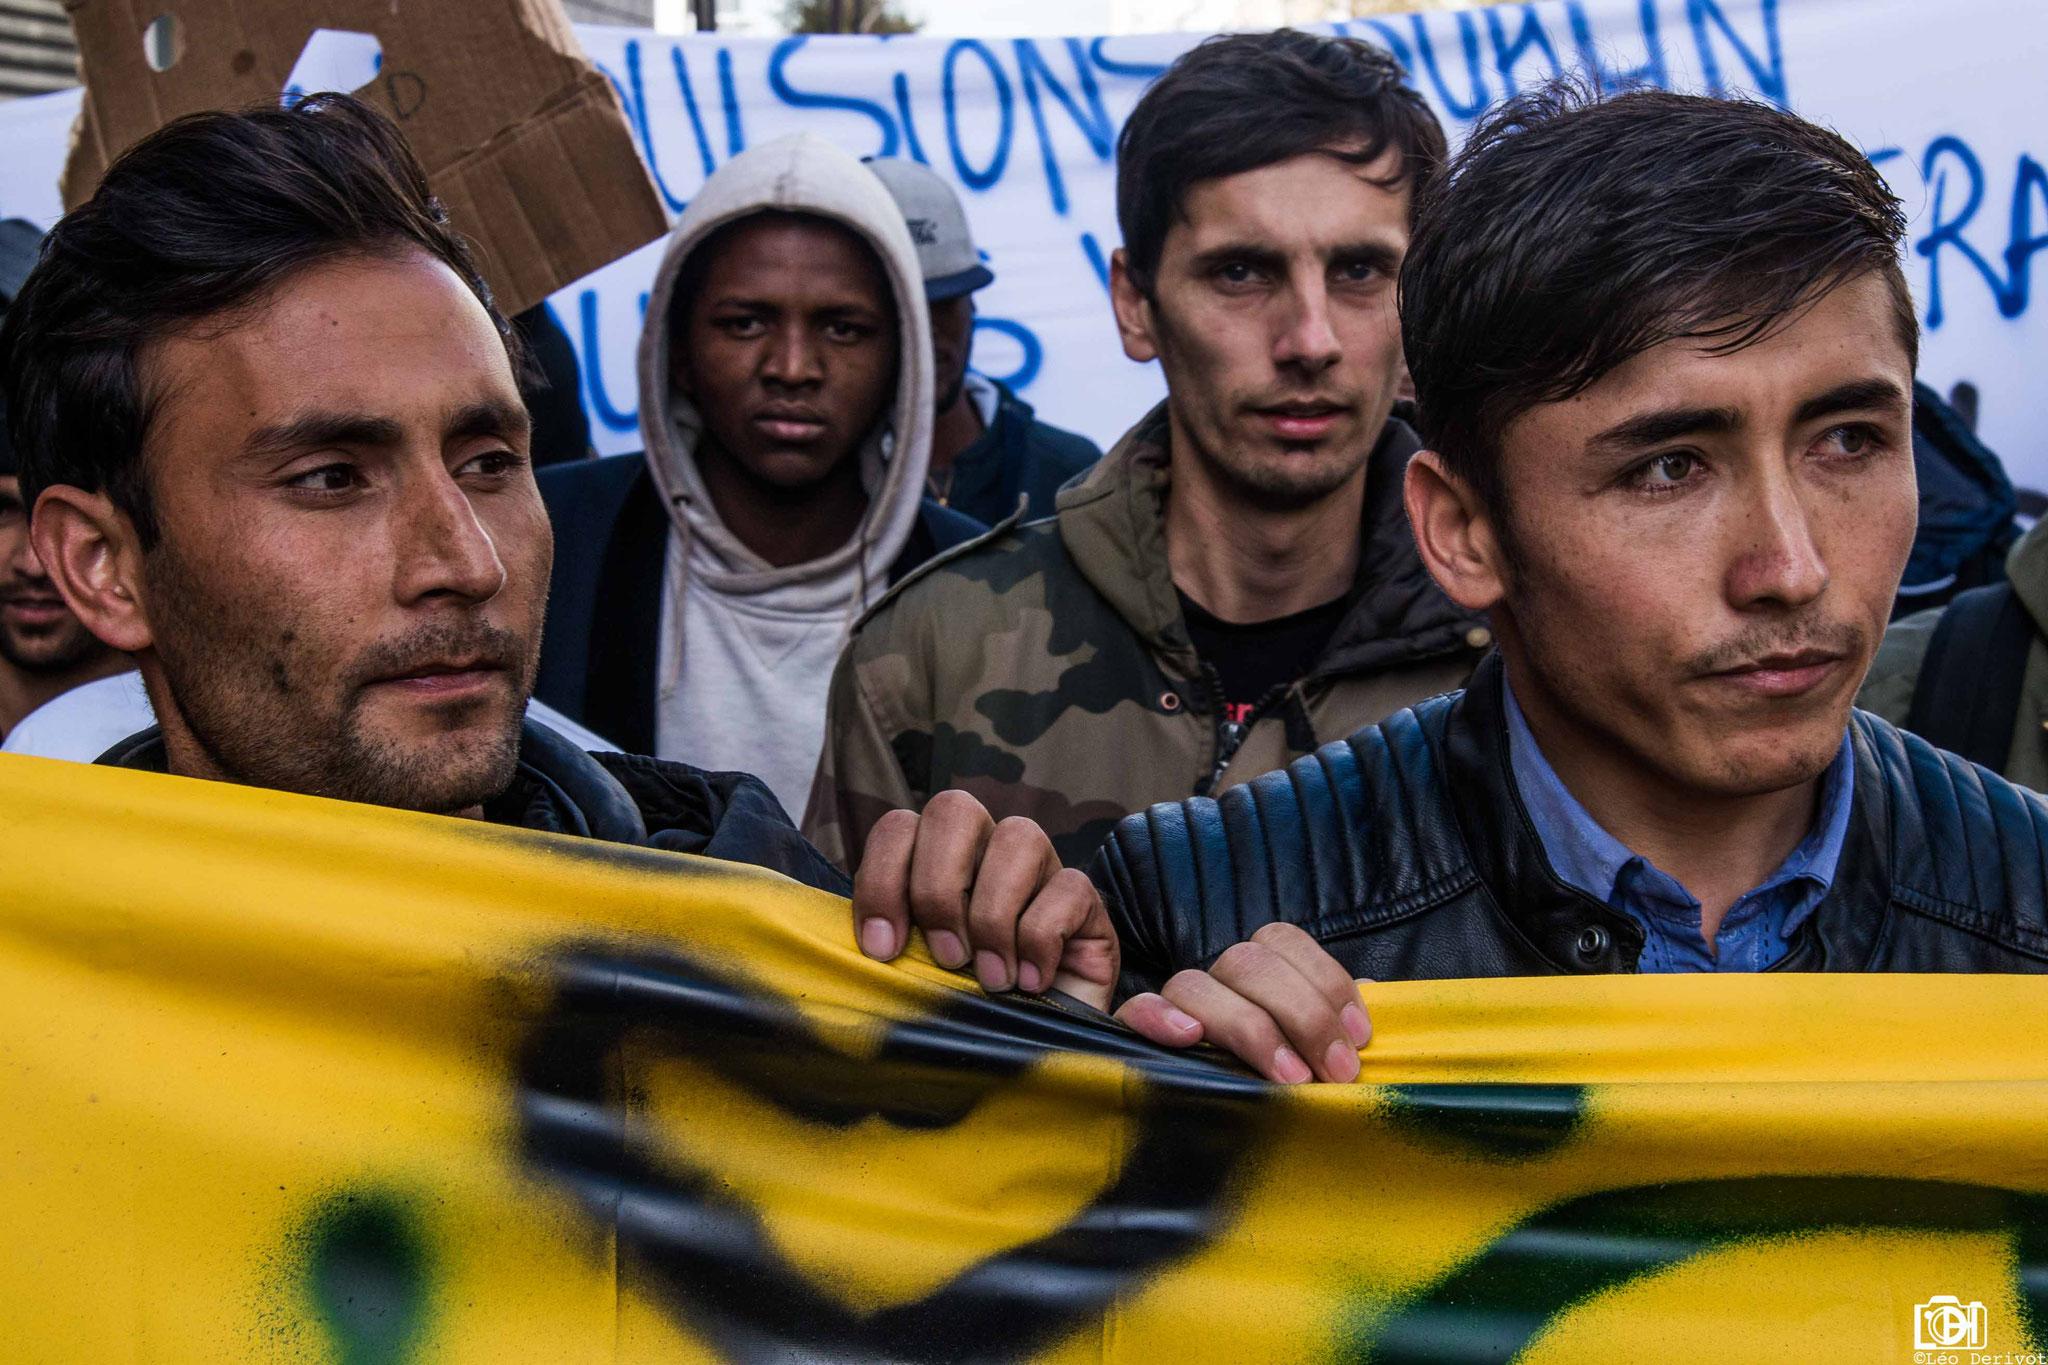 Manifestation Parisienne de soutien aux migrants, 6 Janvier 2018